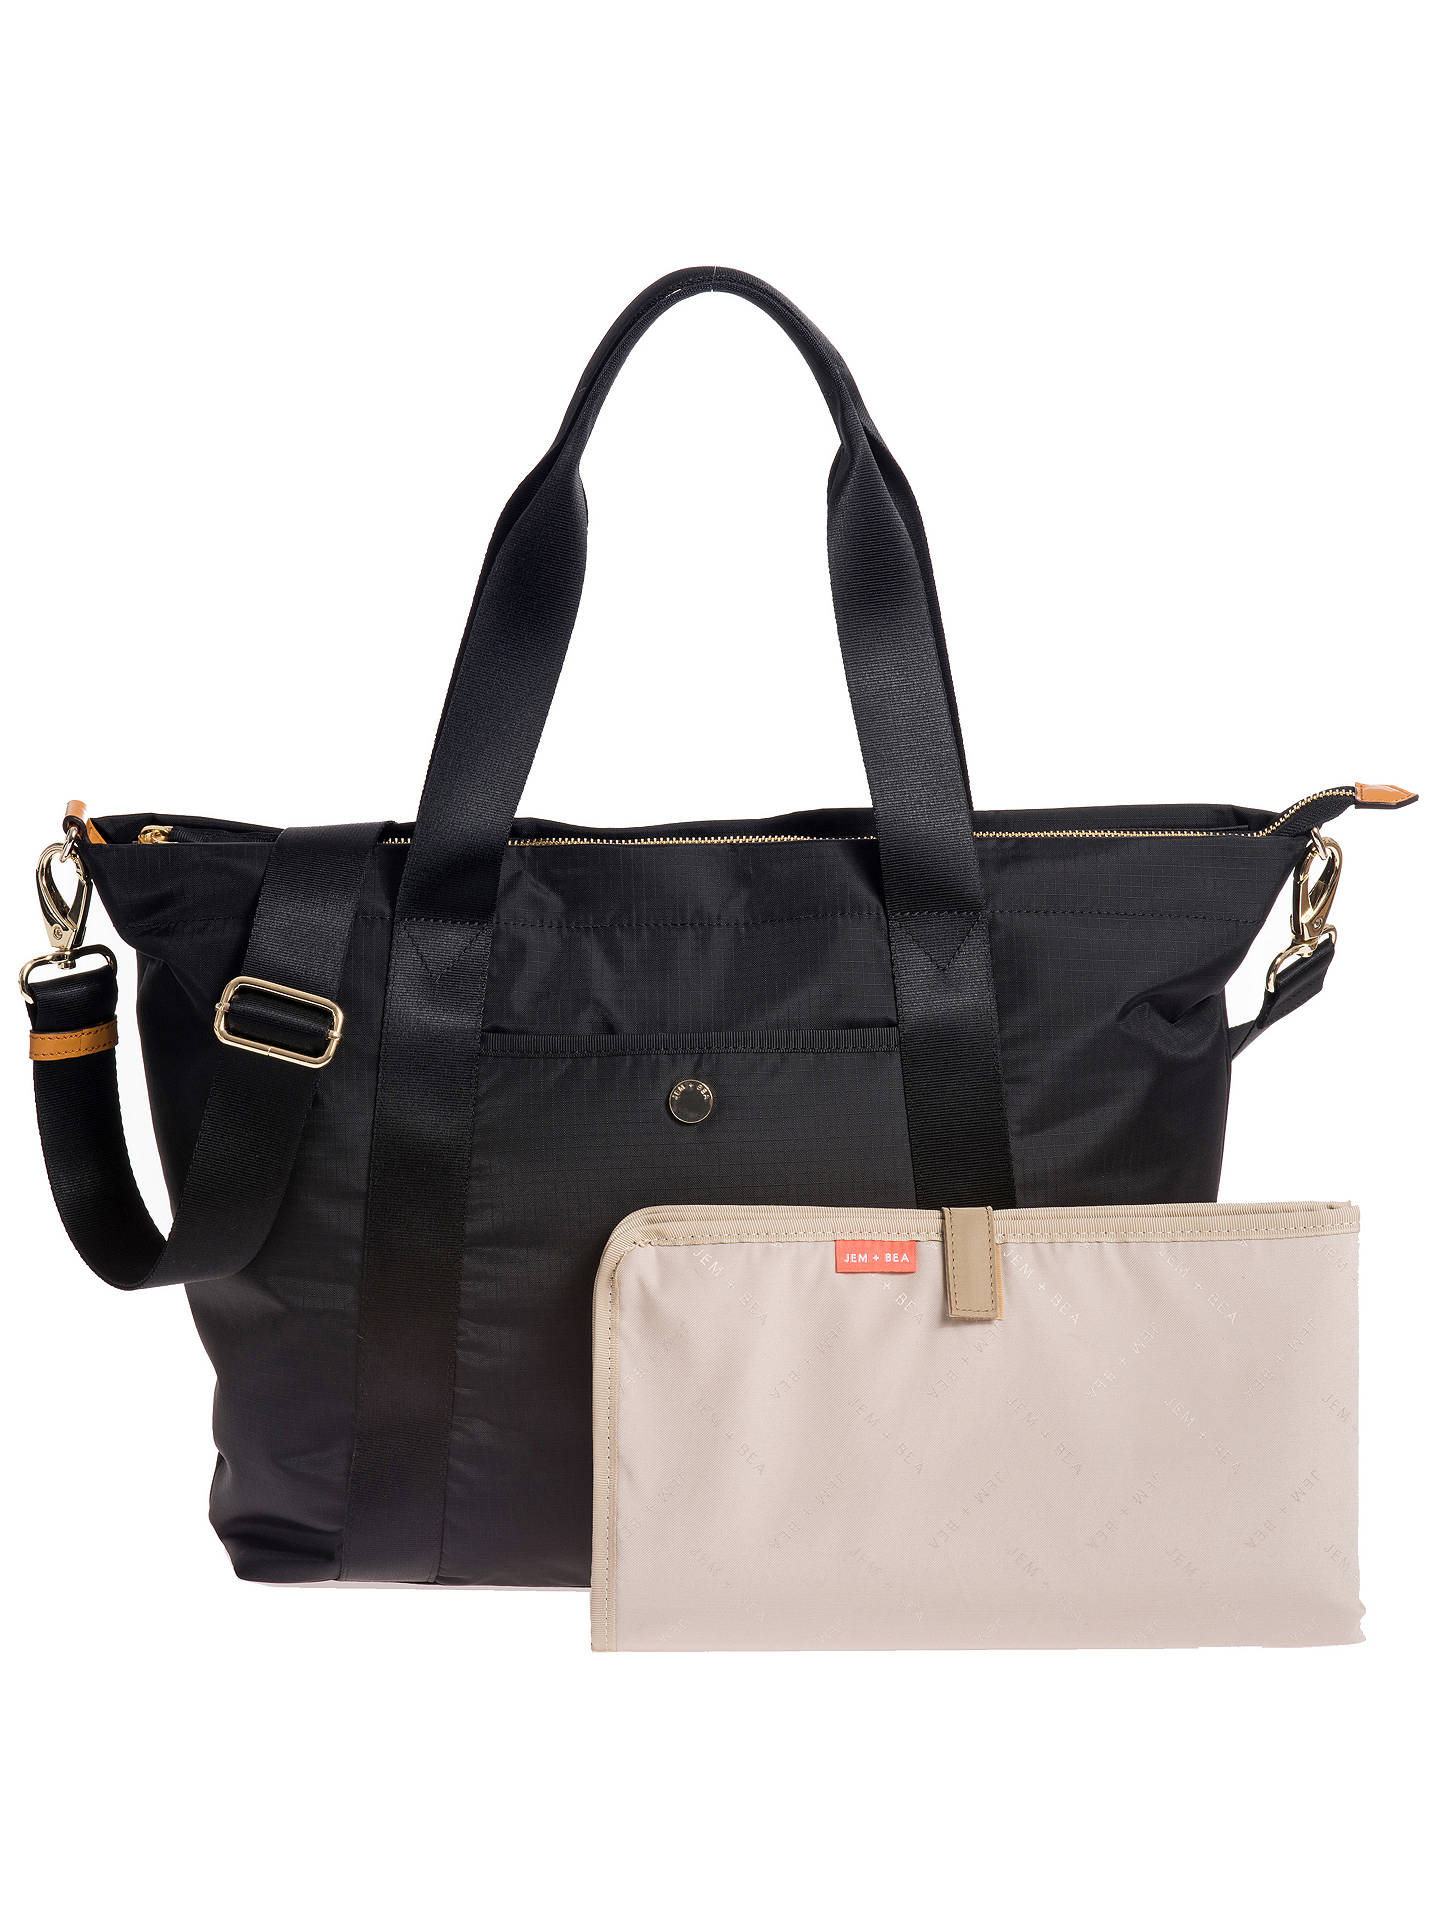 JEM + BEA Lola Tote Changing Bag